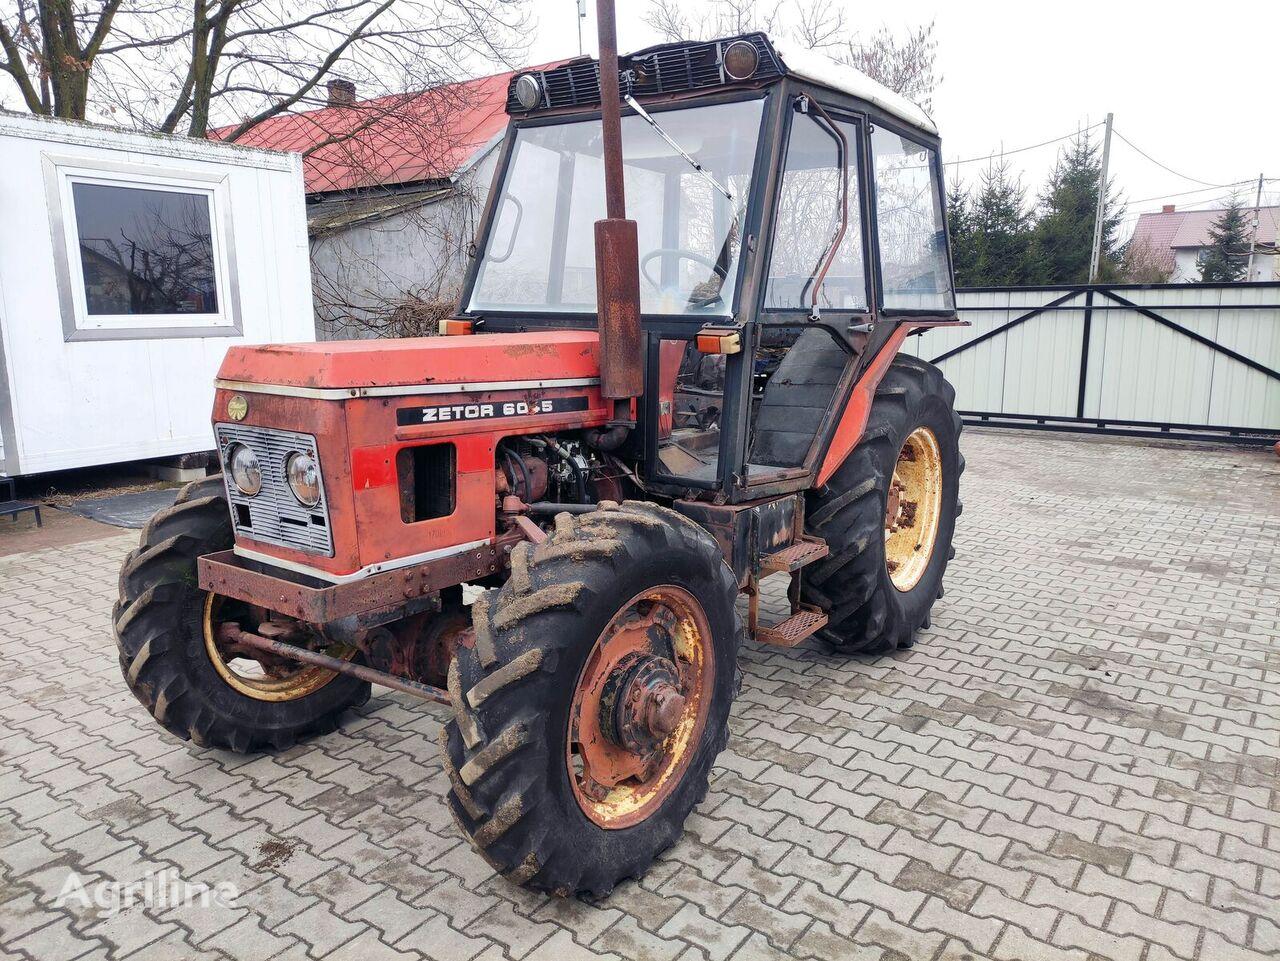 ZETOR 6045 wheel tractor